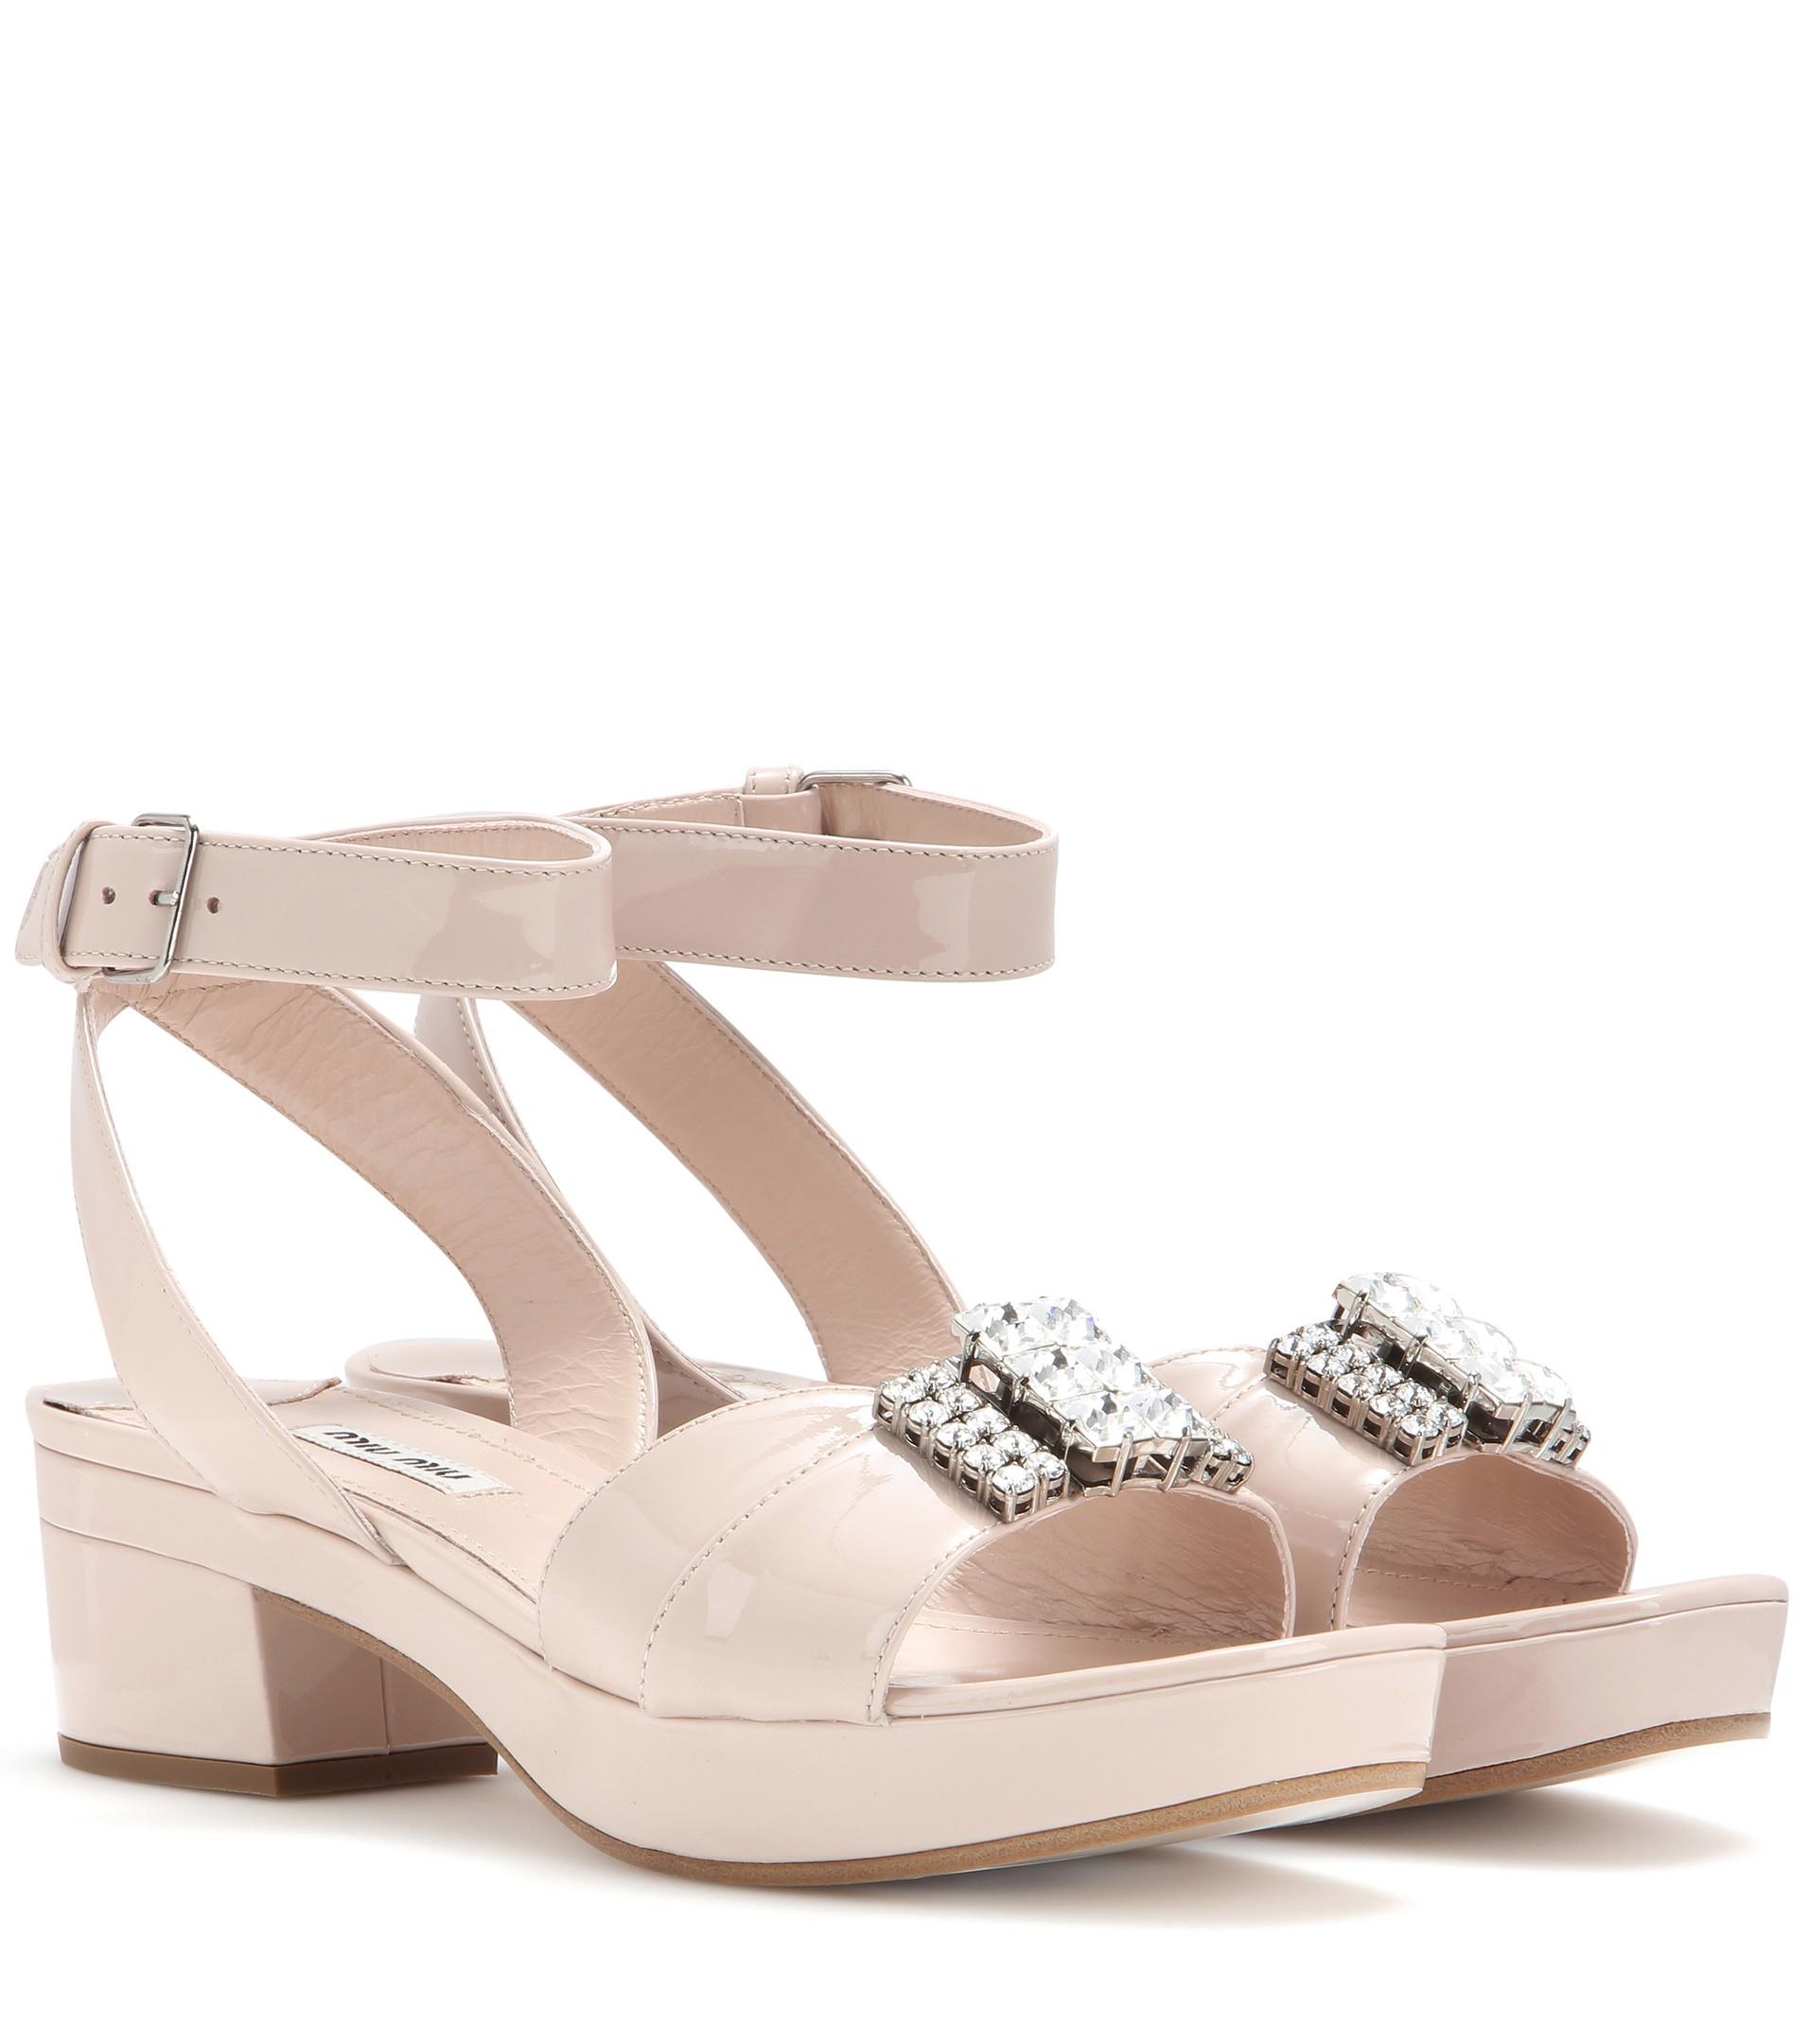 Royal Republiq Women S Shoes Look